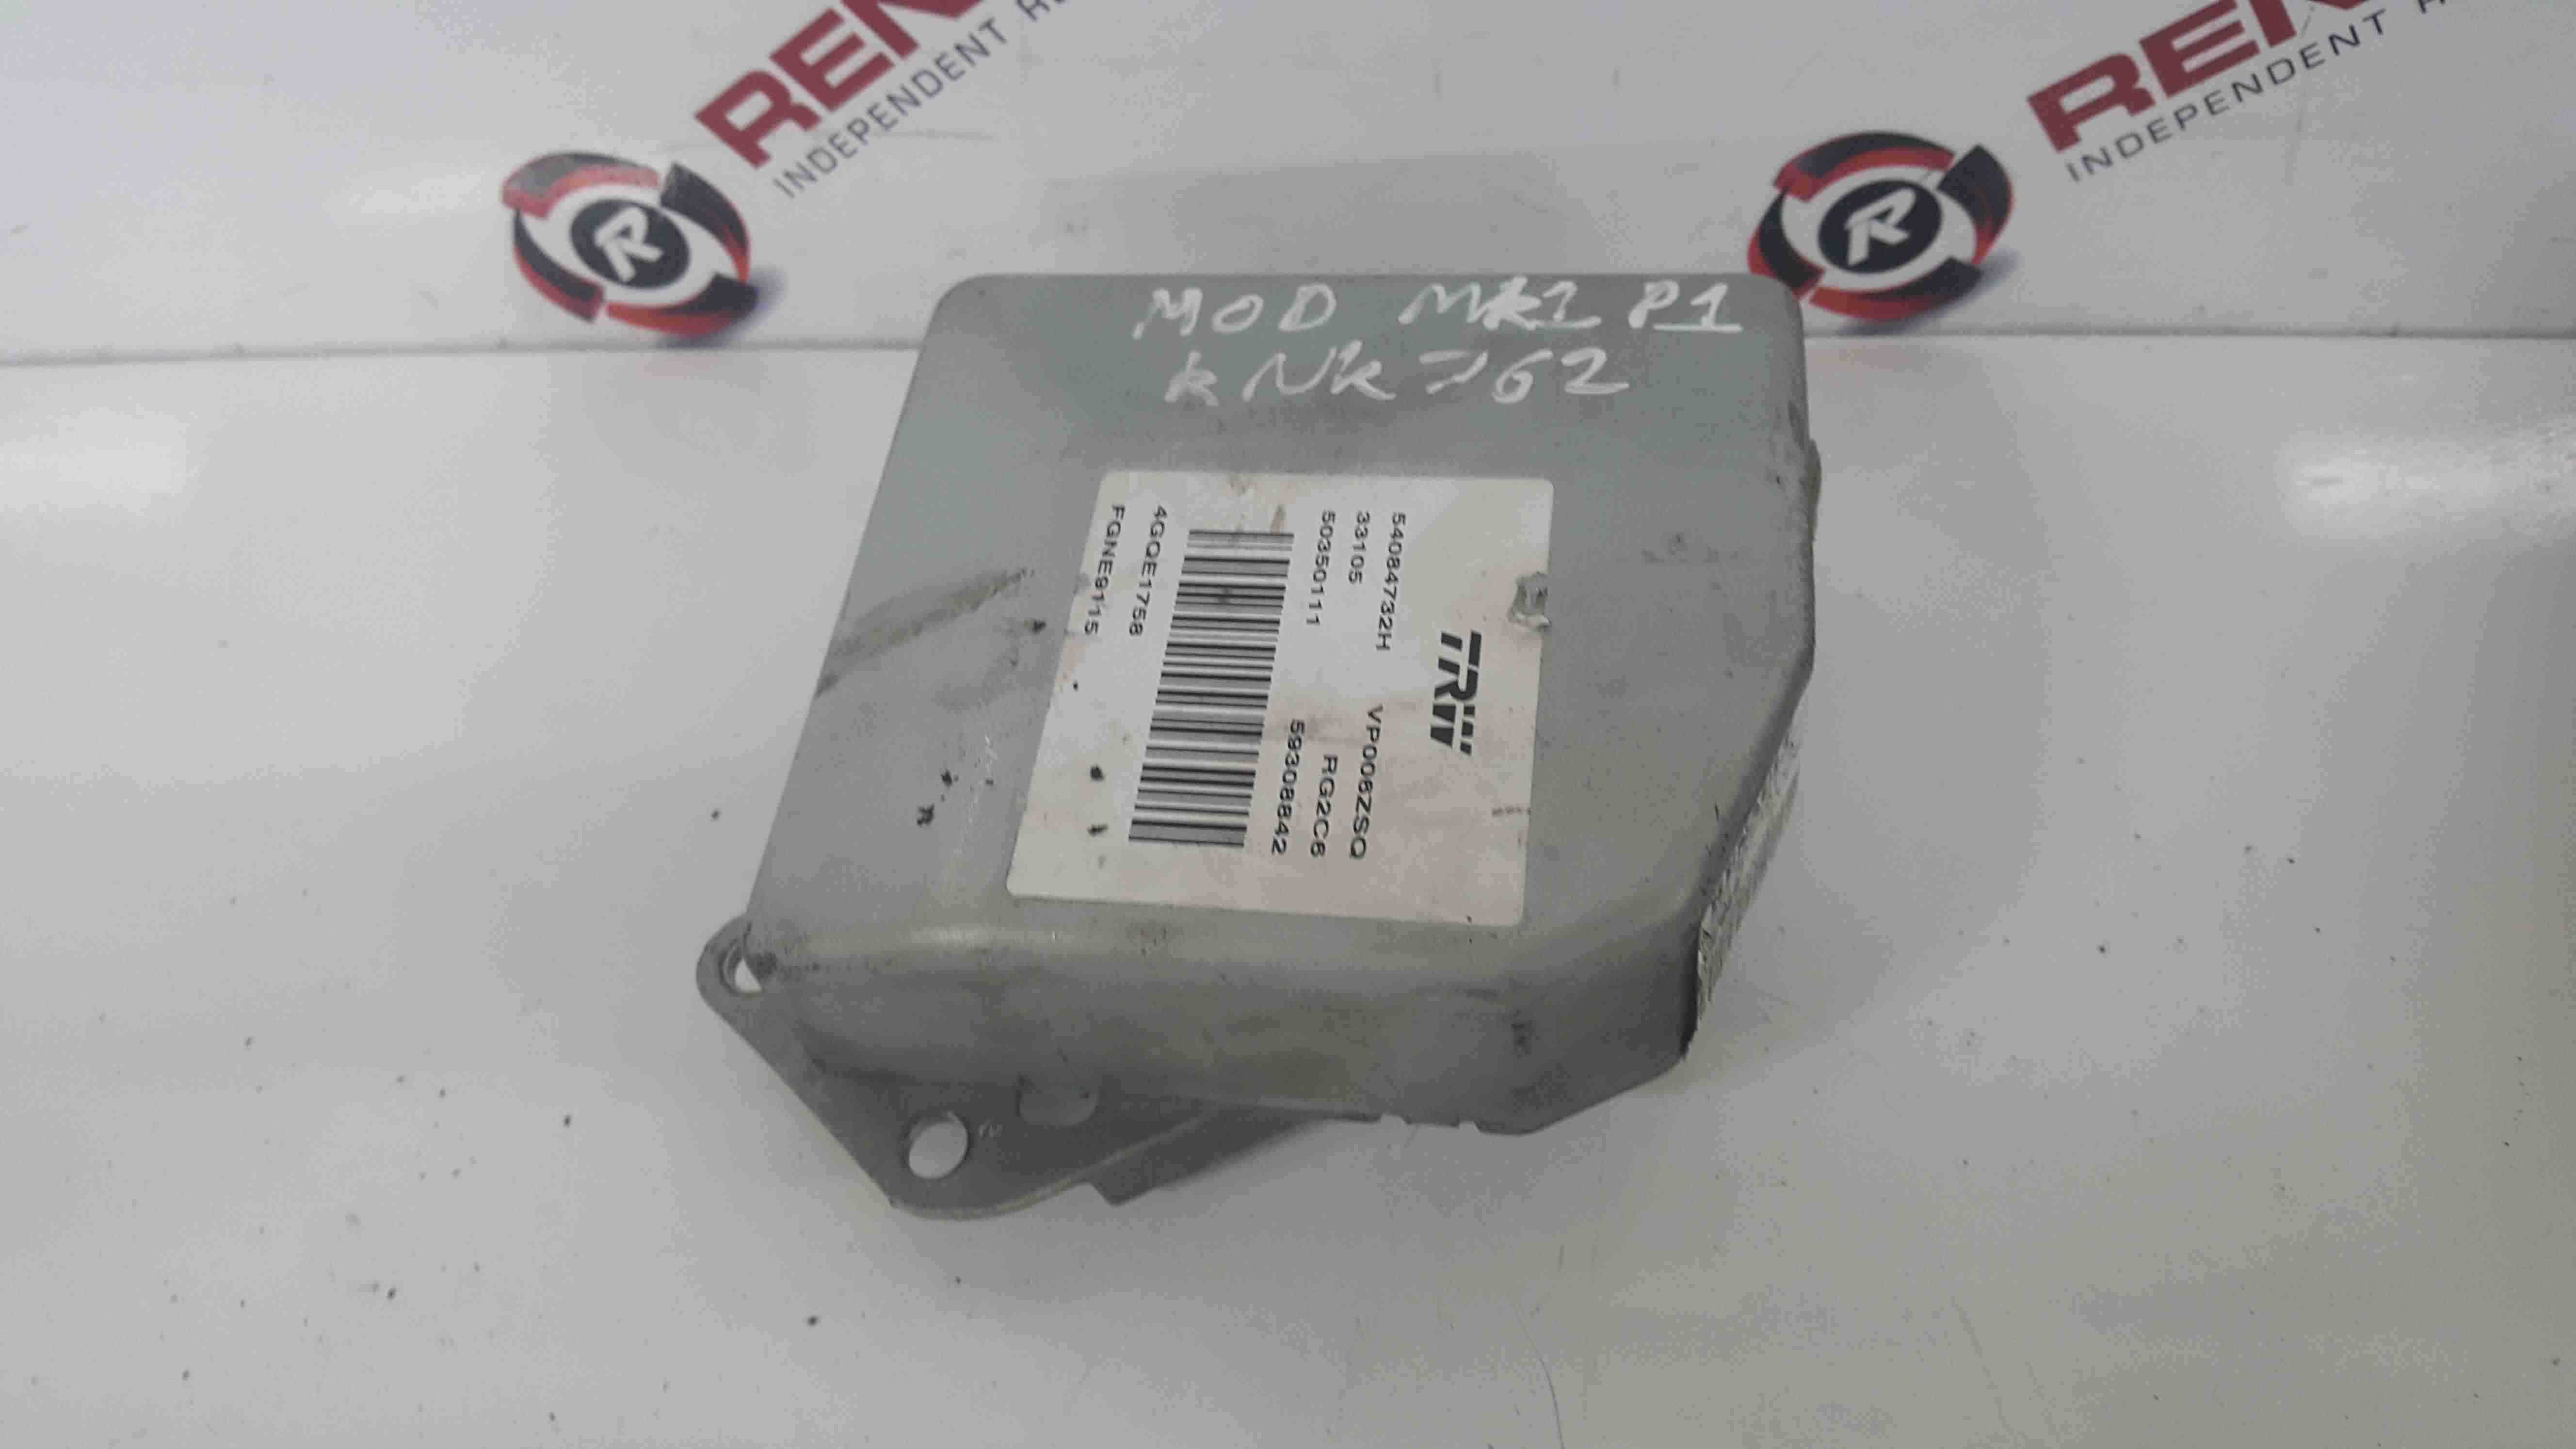 Renault Modus 2004-2008 Steering ECU Module 8200826819